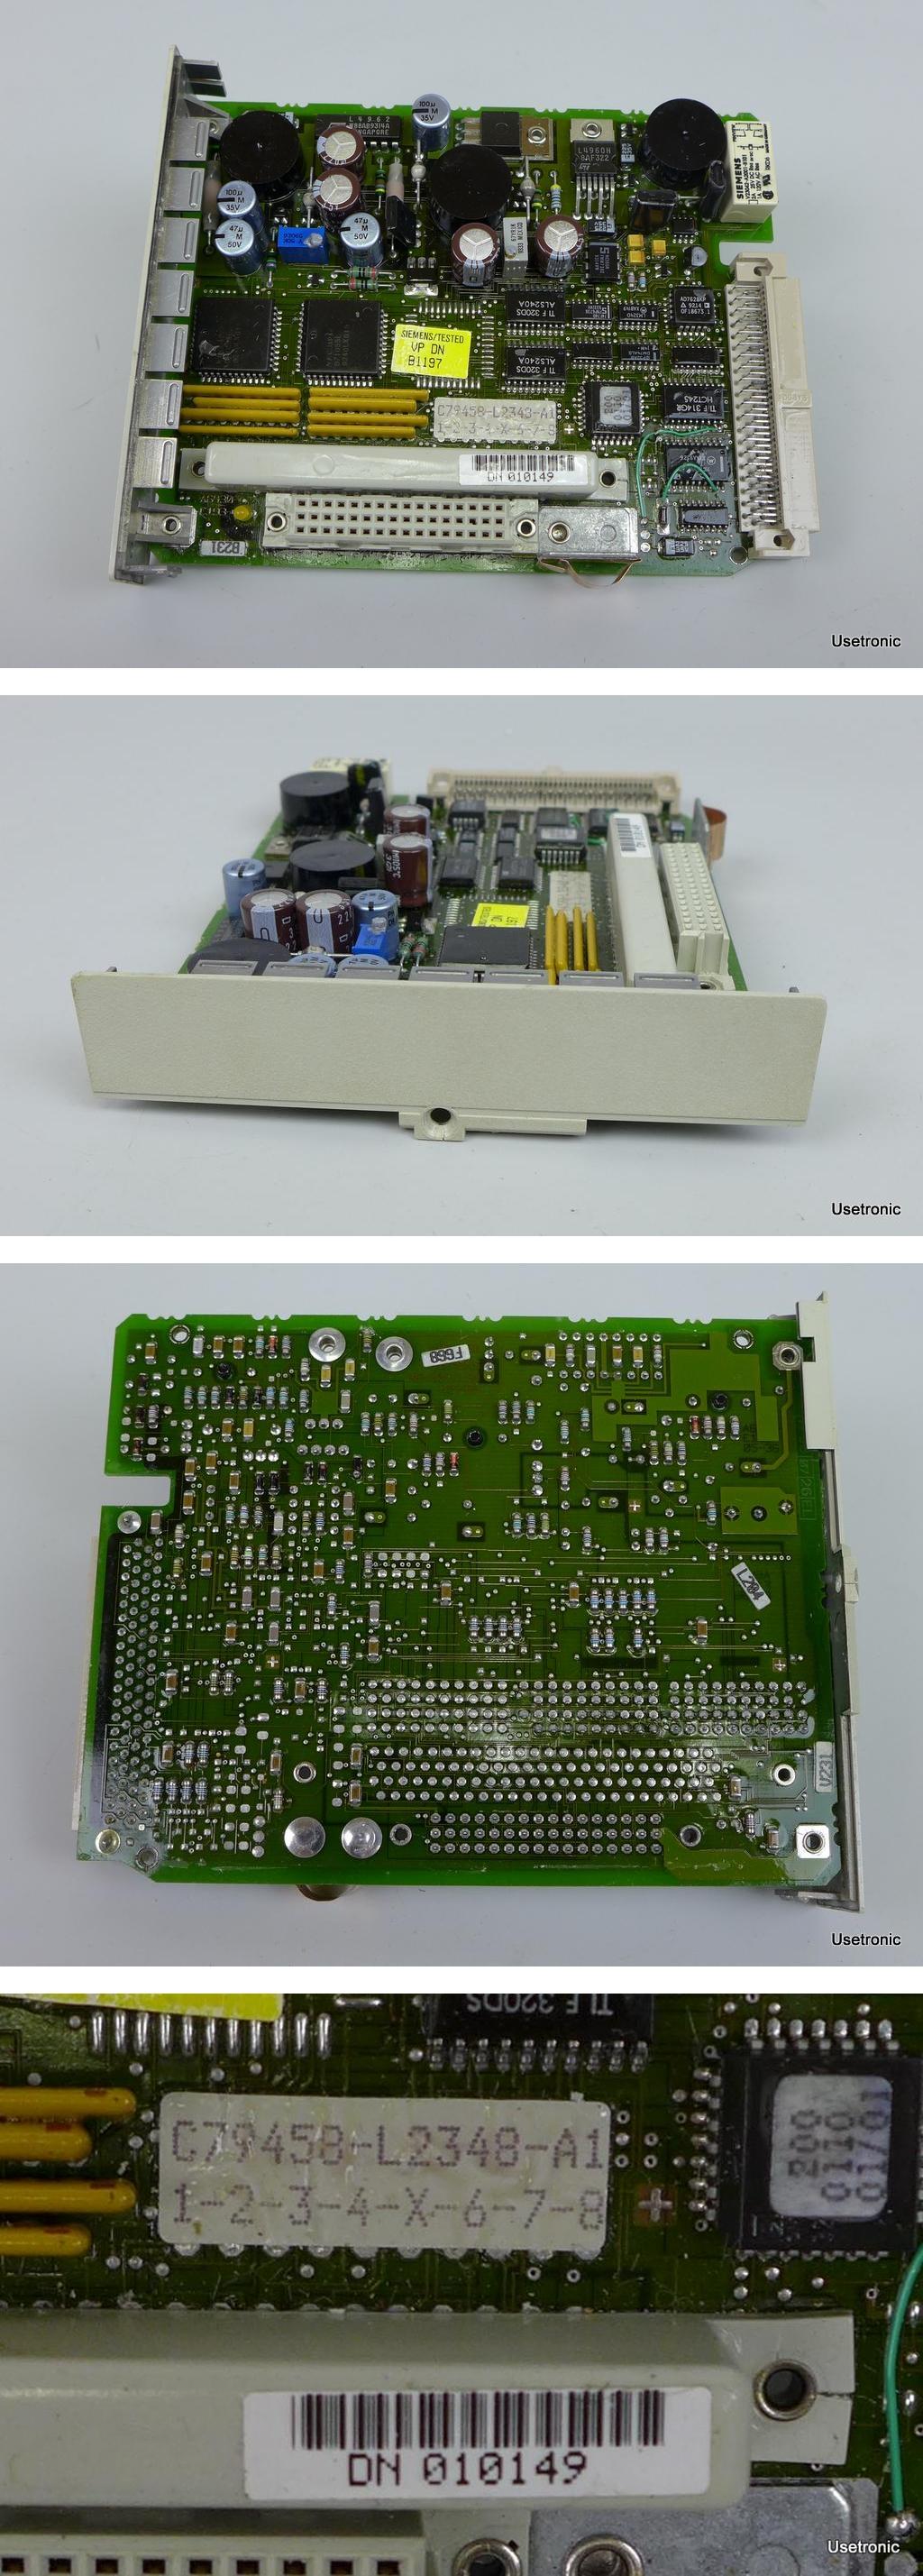 Siemens C79458-L2348-A1